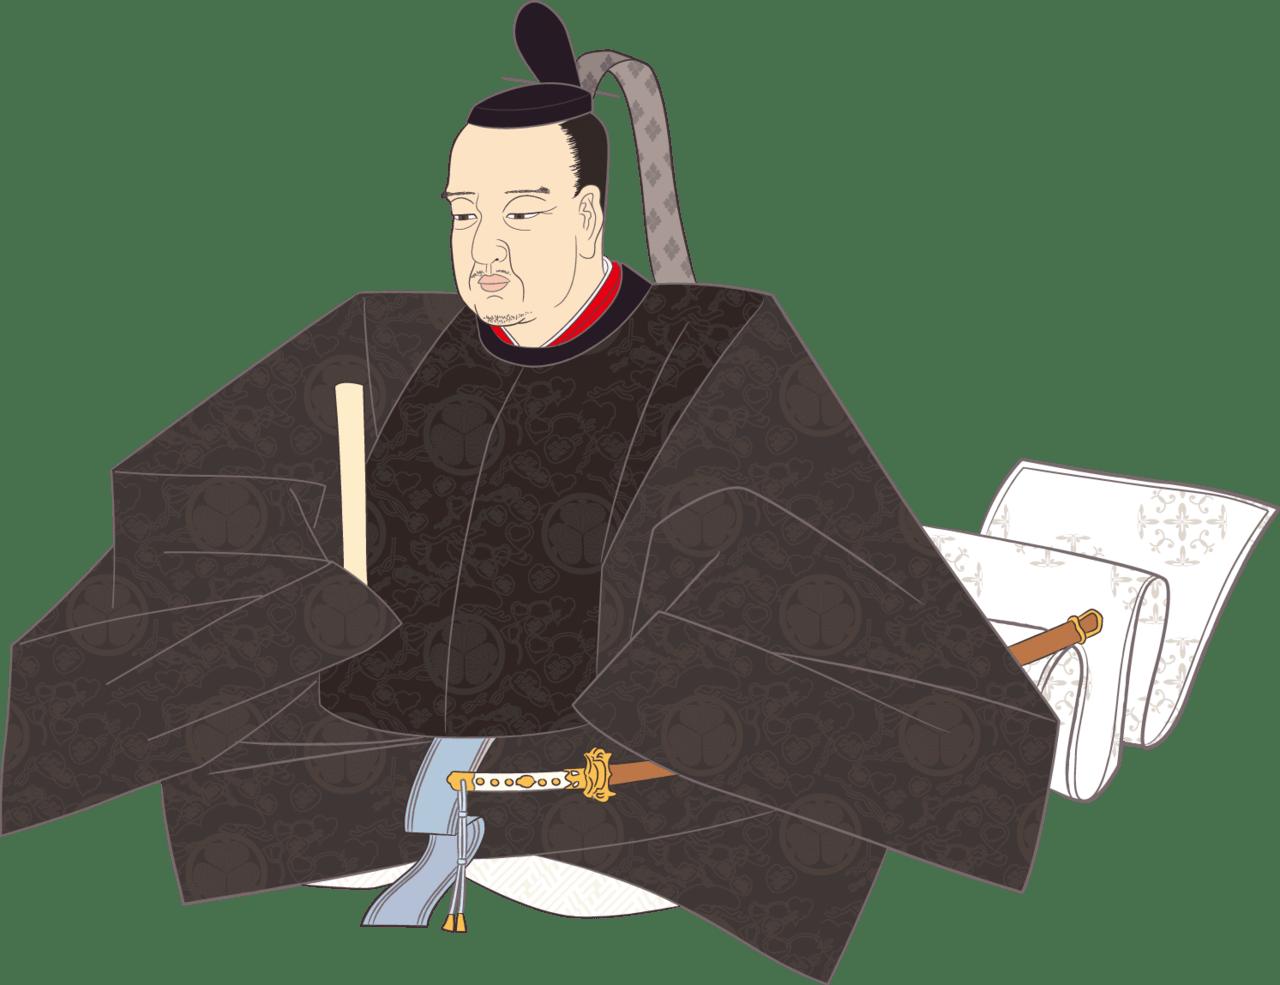 """側室は40人、産ませた子供は55人! 家斉はなぜ""""絶倫""""将軍だったのか? ~ 11代将軍・徳川家斉 ~"""